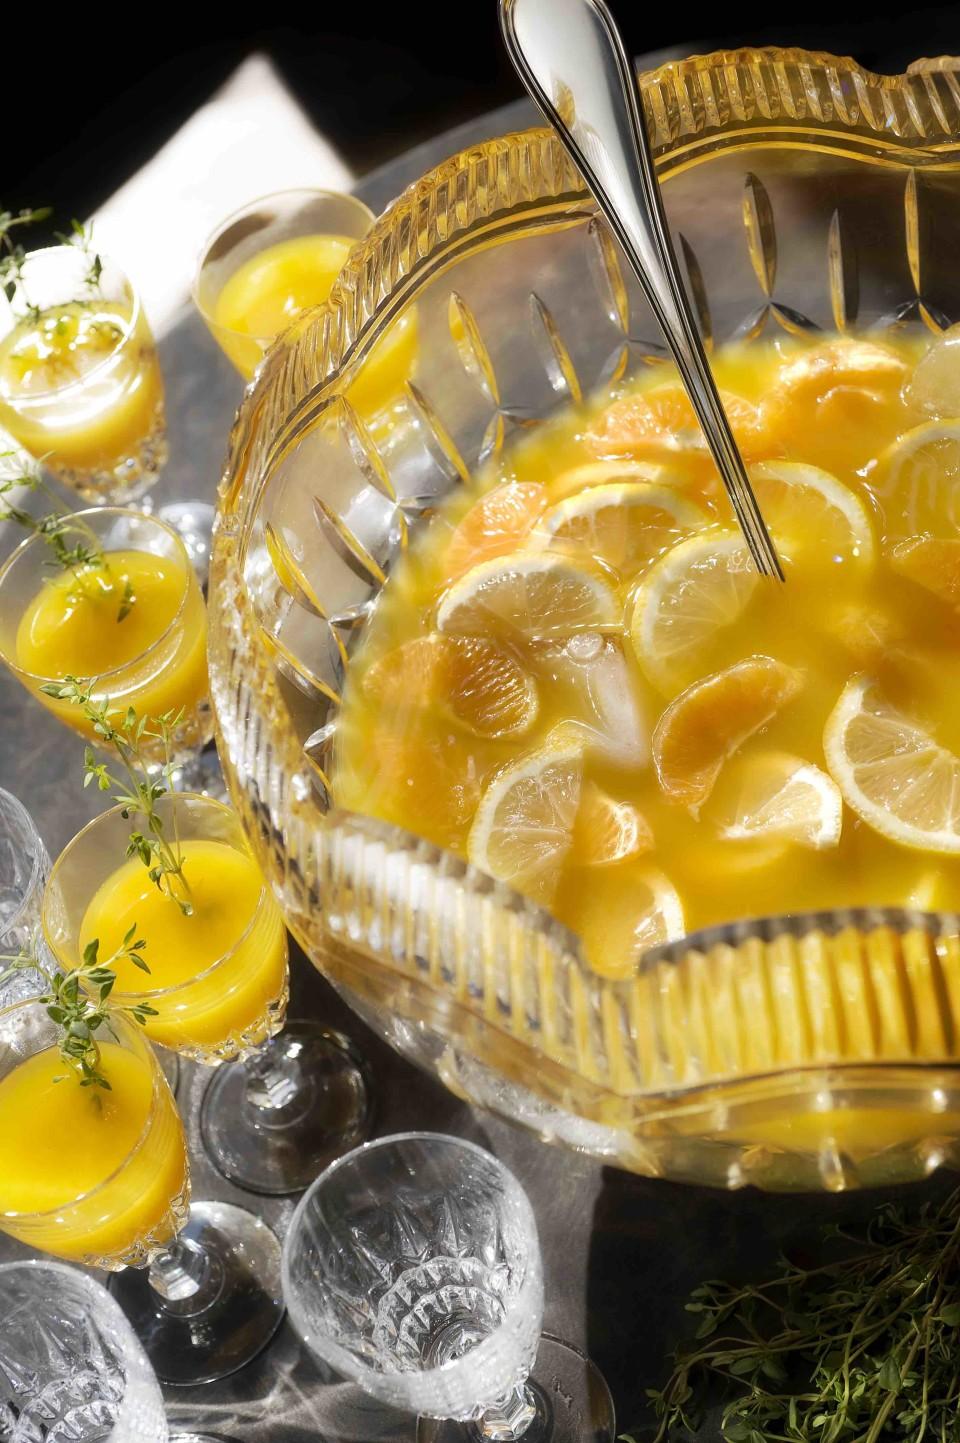 The Alchemist Punch features Bénédictine liqueur, orange purée, lemon, honey, orange and tangerine wedges, cinnamon, cloves, and thyme.